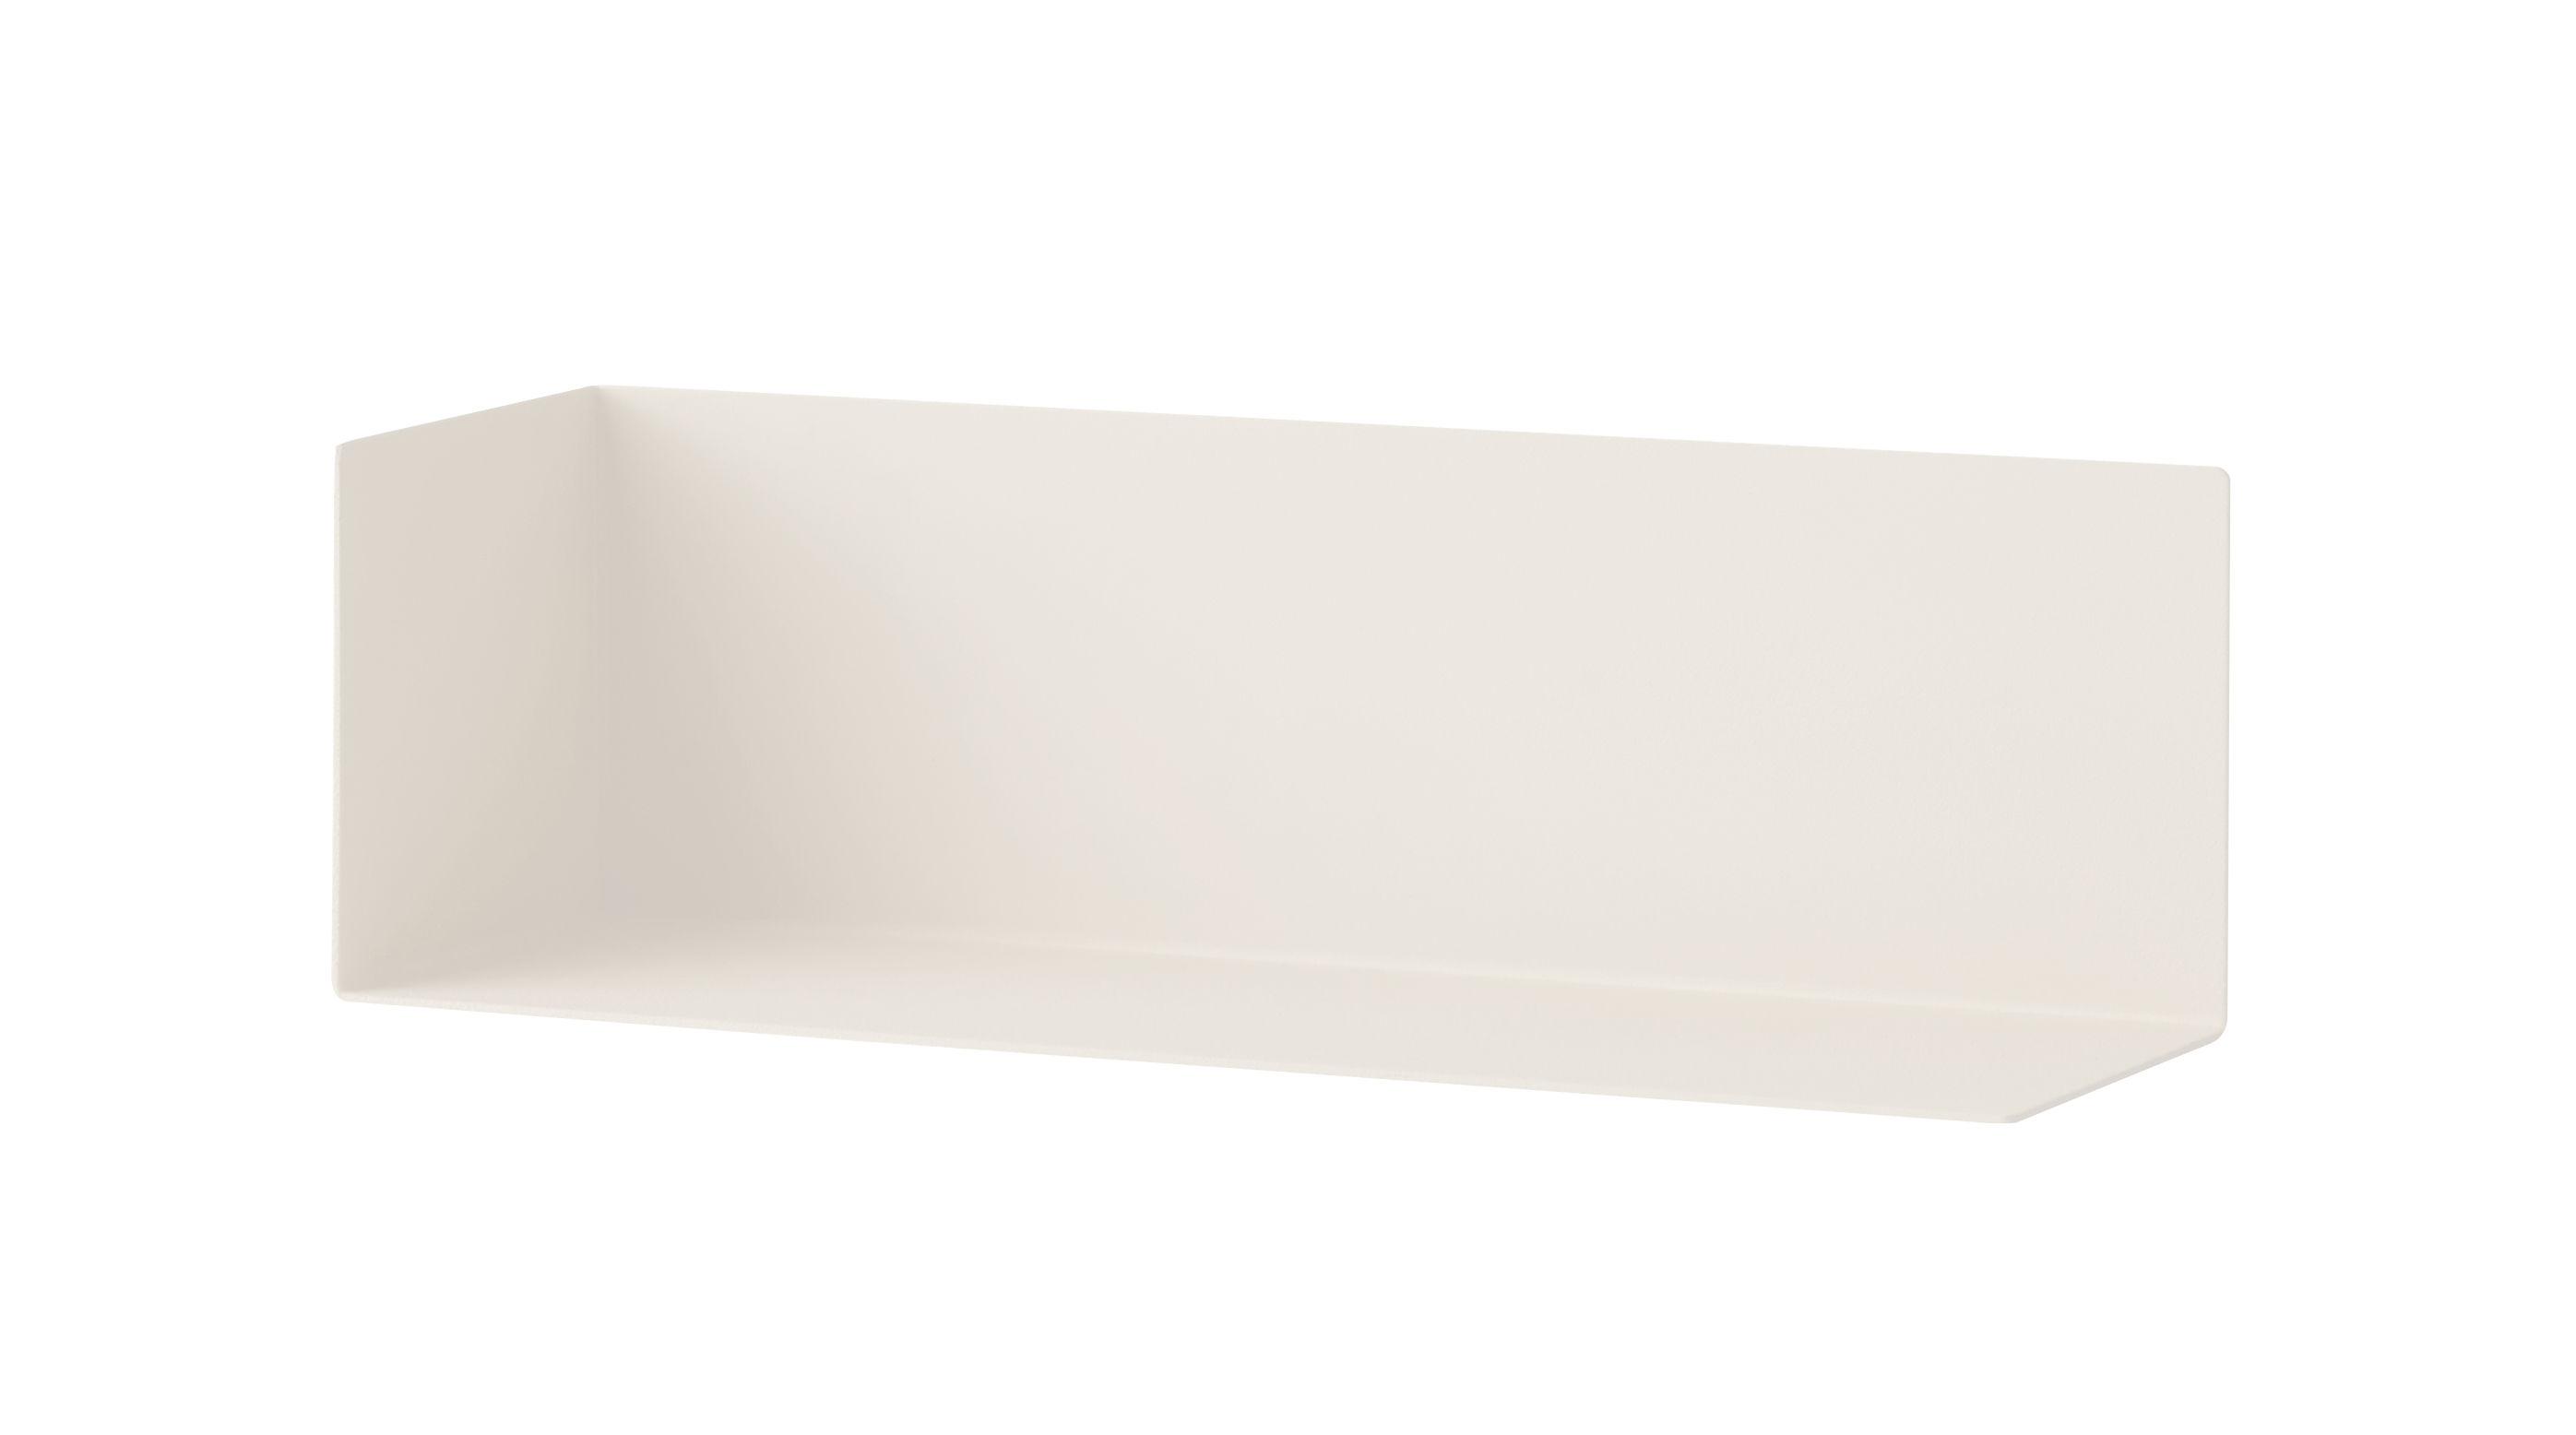 Mobilier - Etagères & bibliothèques - Etagère Corner Shelf Small / L 26 cm - Menu - Gris clair - Acier